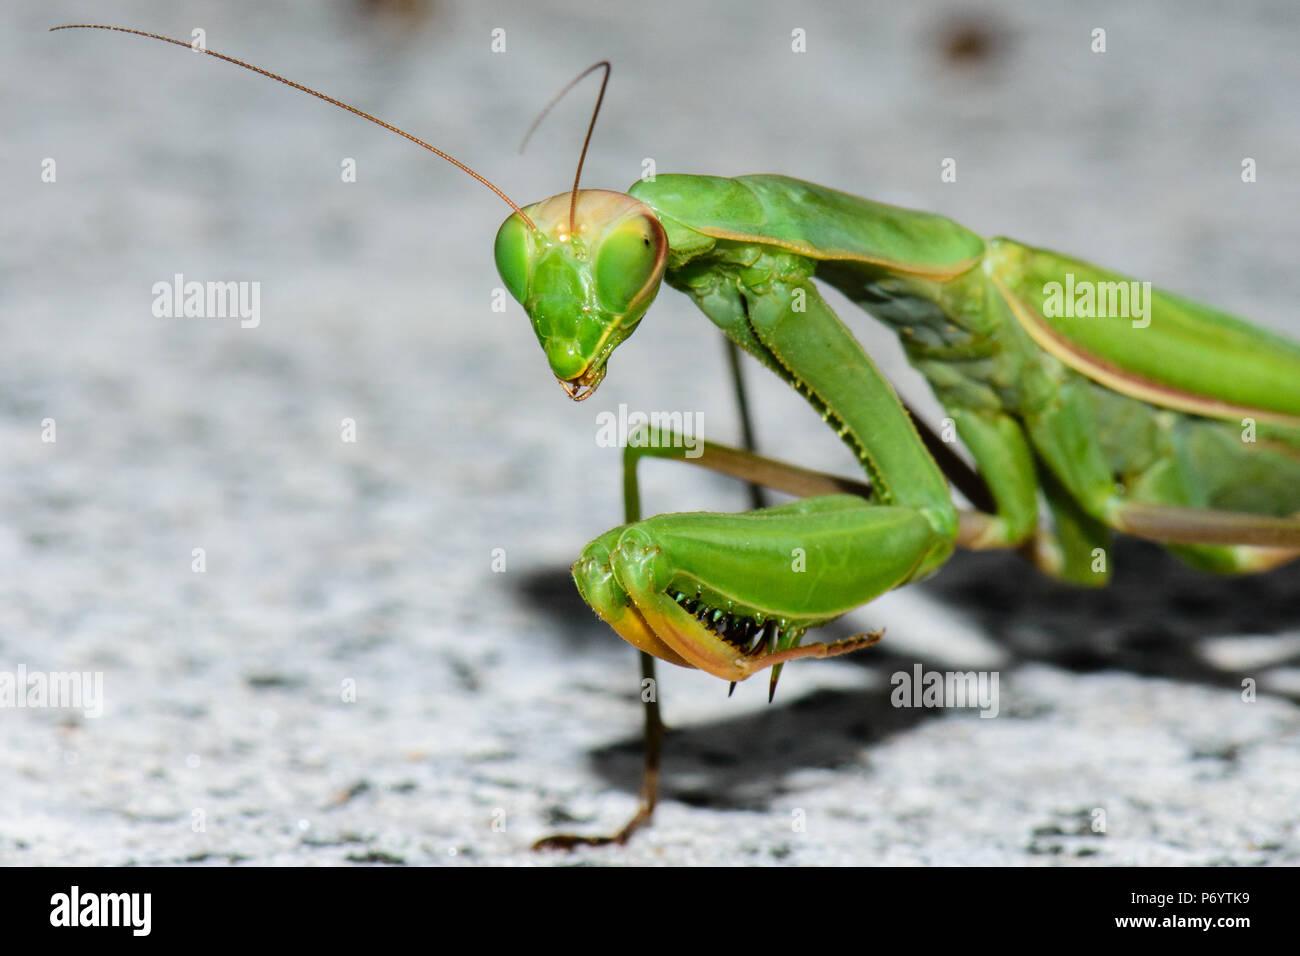 Color natural al aire libre cerca de la fotografía macro de un único aislado mantis verde sobre un fondo de grava Imagen De Stock